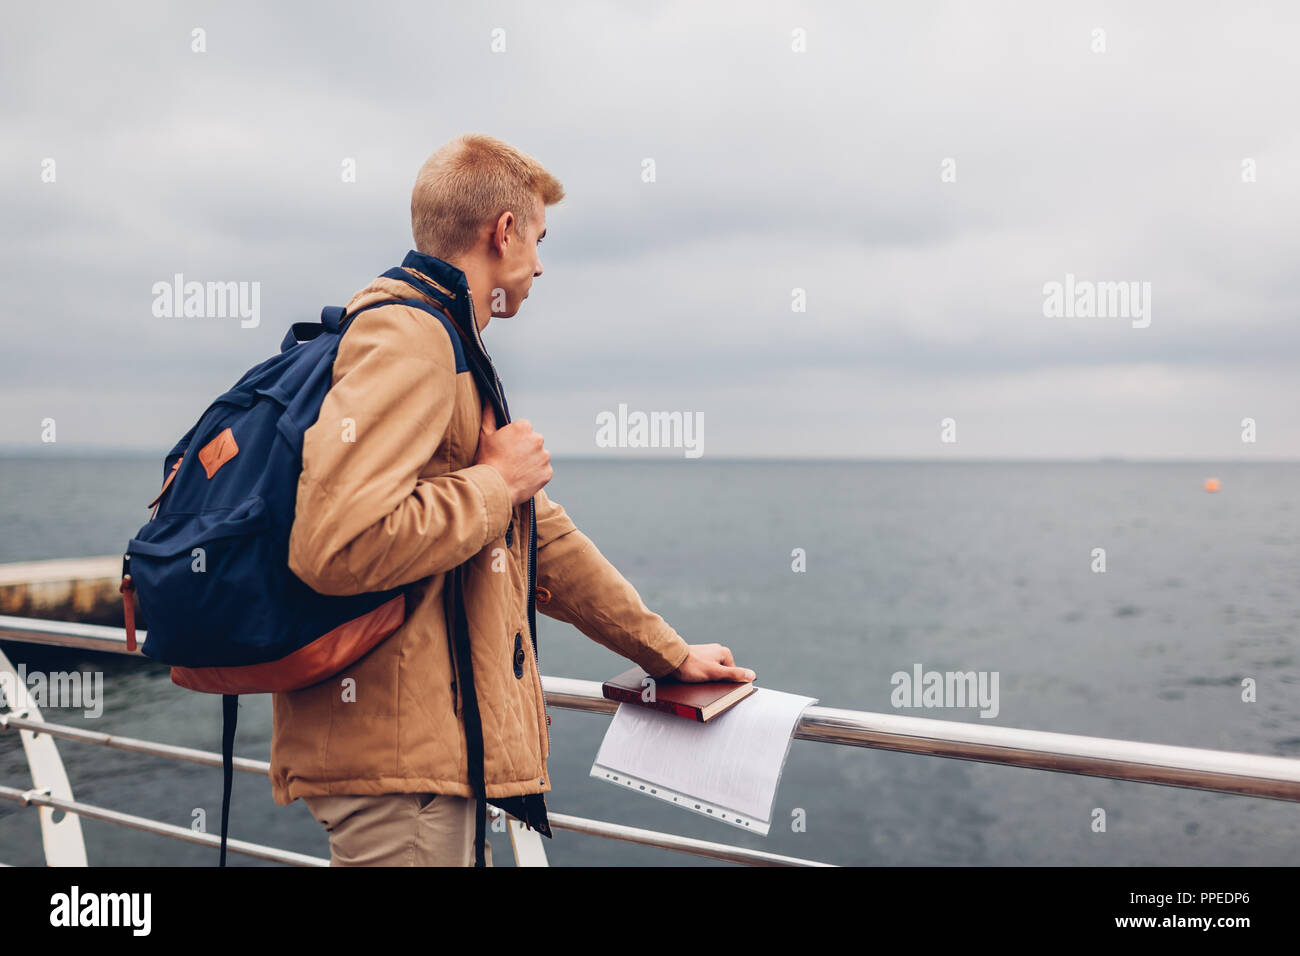 Estudiante universitario con mochila y reservar paseos por mar después de clases y admirar la vista sobre la playa, en la ciudad de Odesa. Joven pensando Imagen De Stock